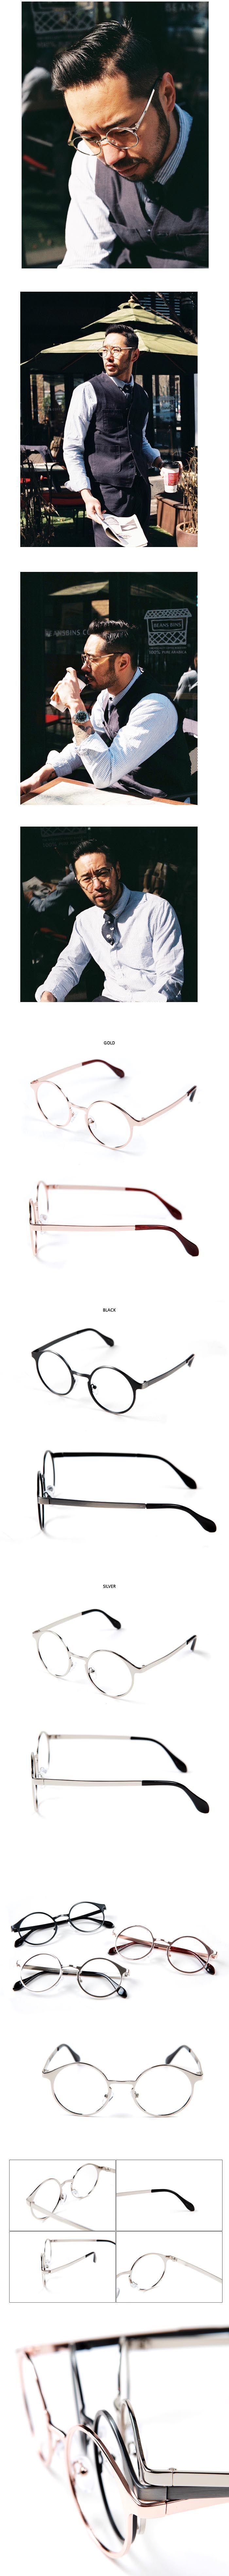 【楽天市場】[SMORBI] メタルフレーム眼鏡 メンズ レディース 男女兼用 眼鏡 メガネ ファッションメガネ メタル 丸めがね 小物 アメカジ キレカジ コンサバ キレイ目 カジュアル ワーク系 LOOKBOOK25:スモルビ